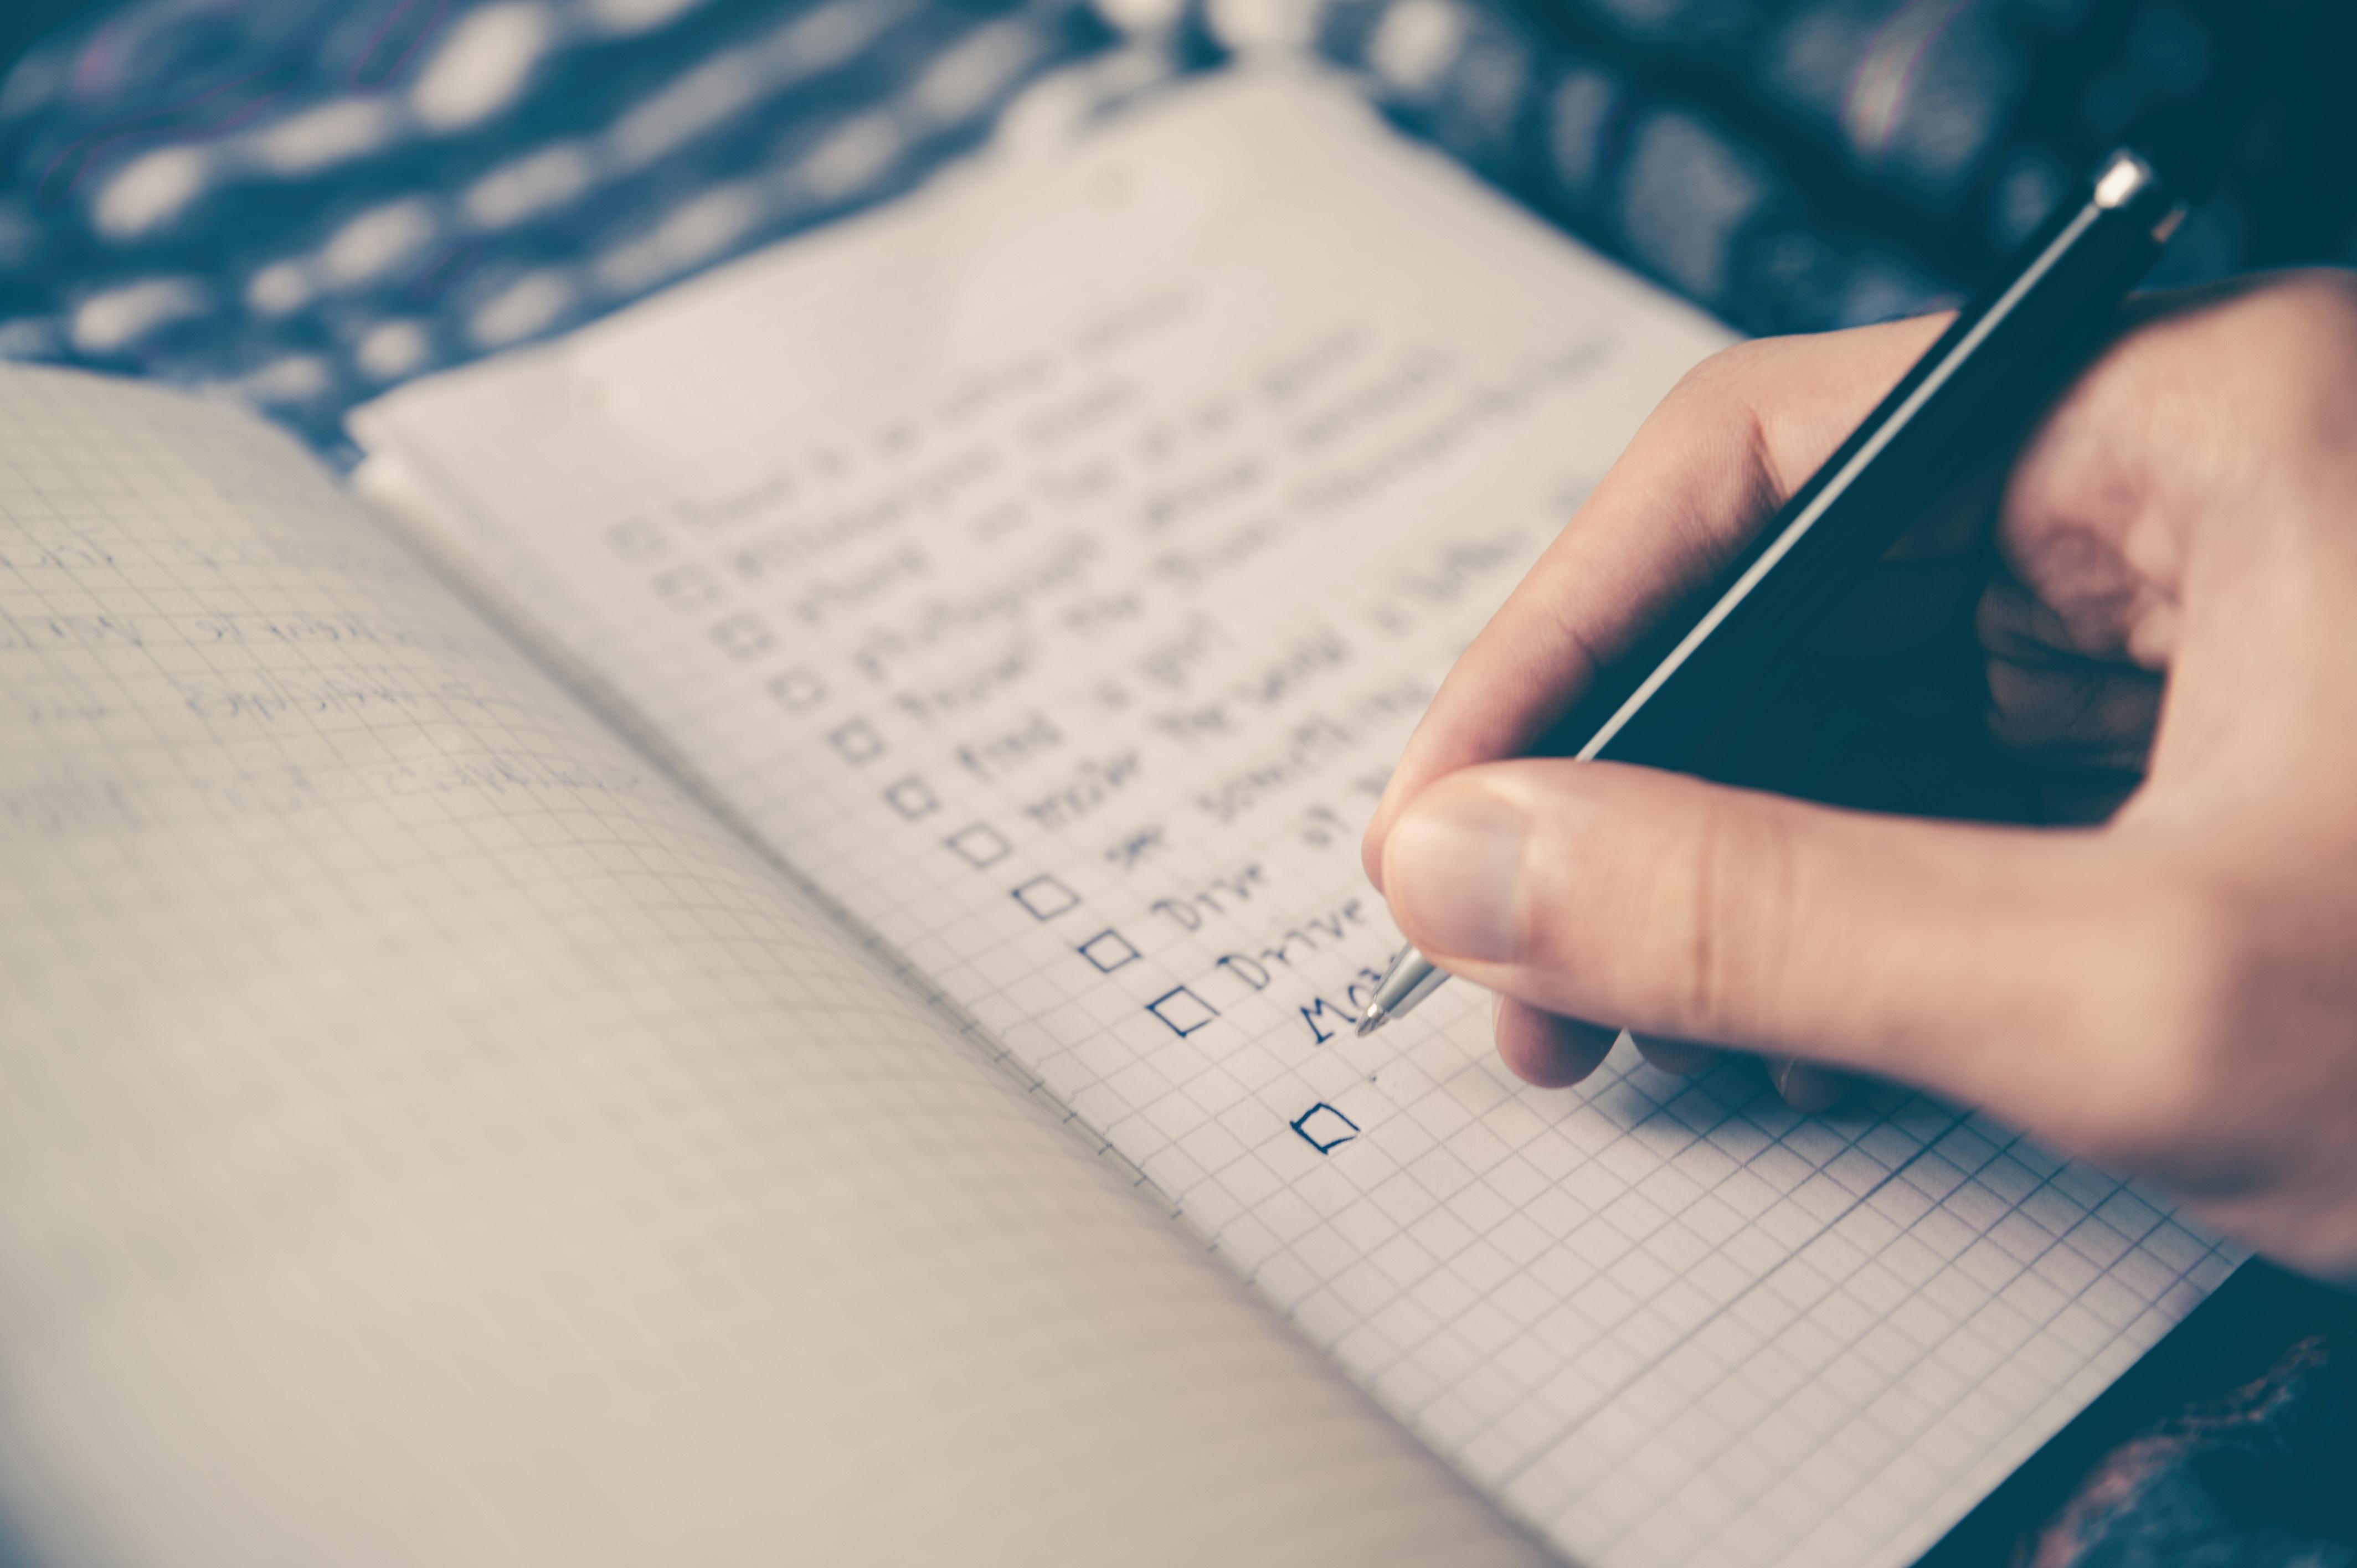 zakelijk bloggen? waarom start vandaag